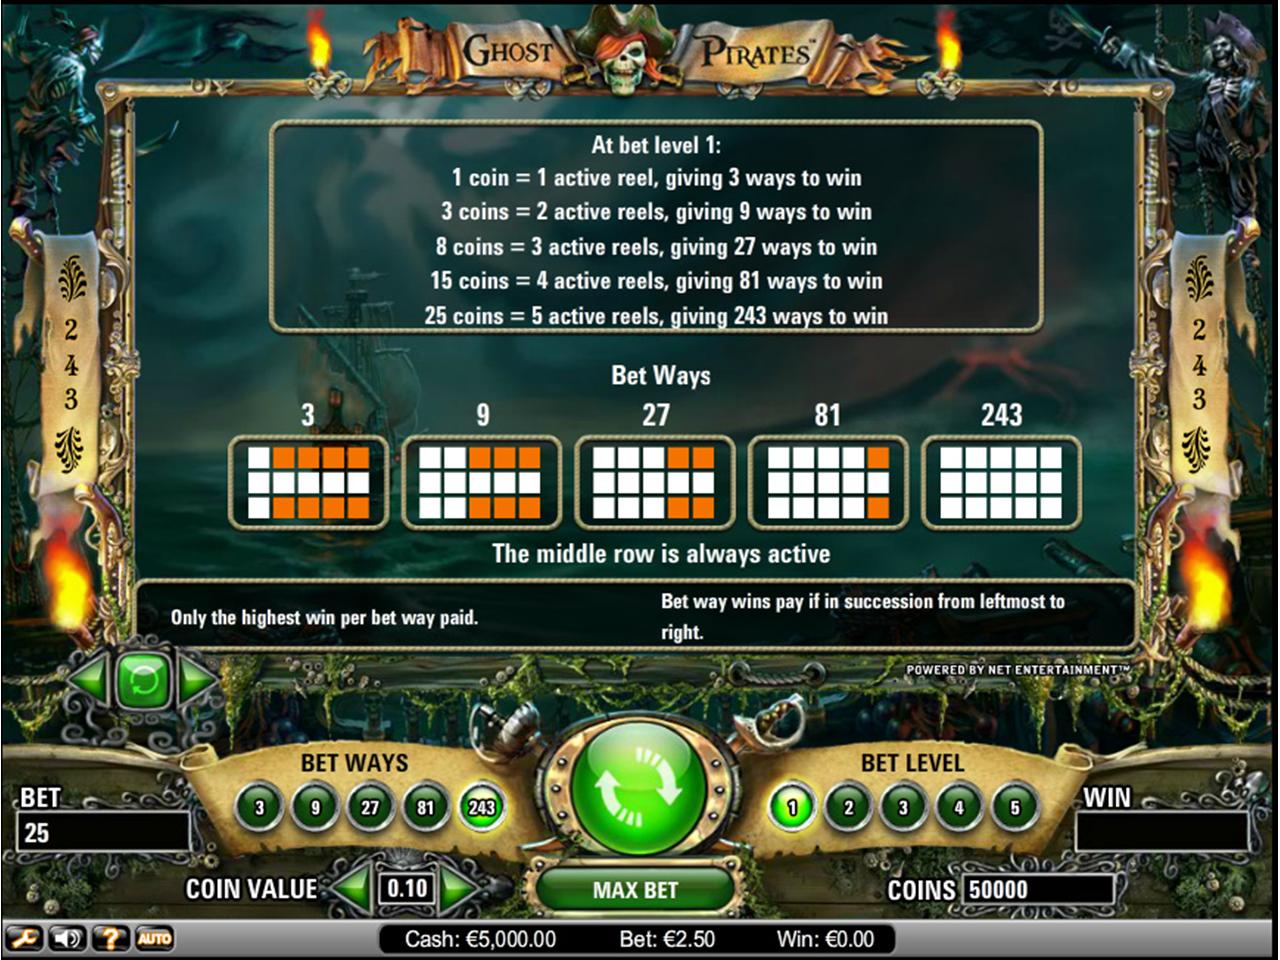 Jetzt Ghost Pirates online spielen